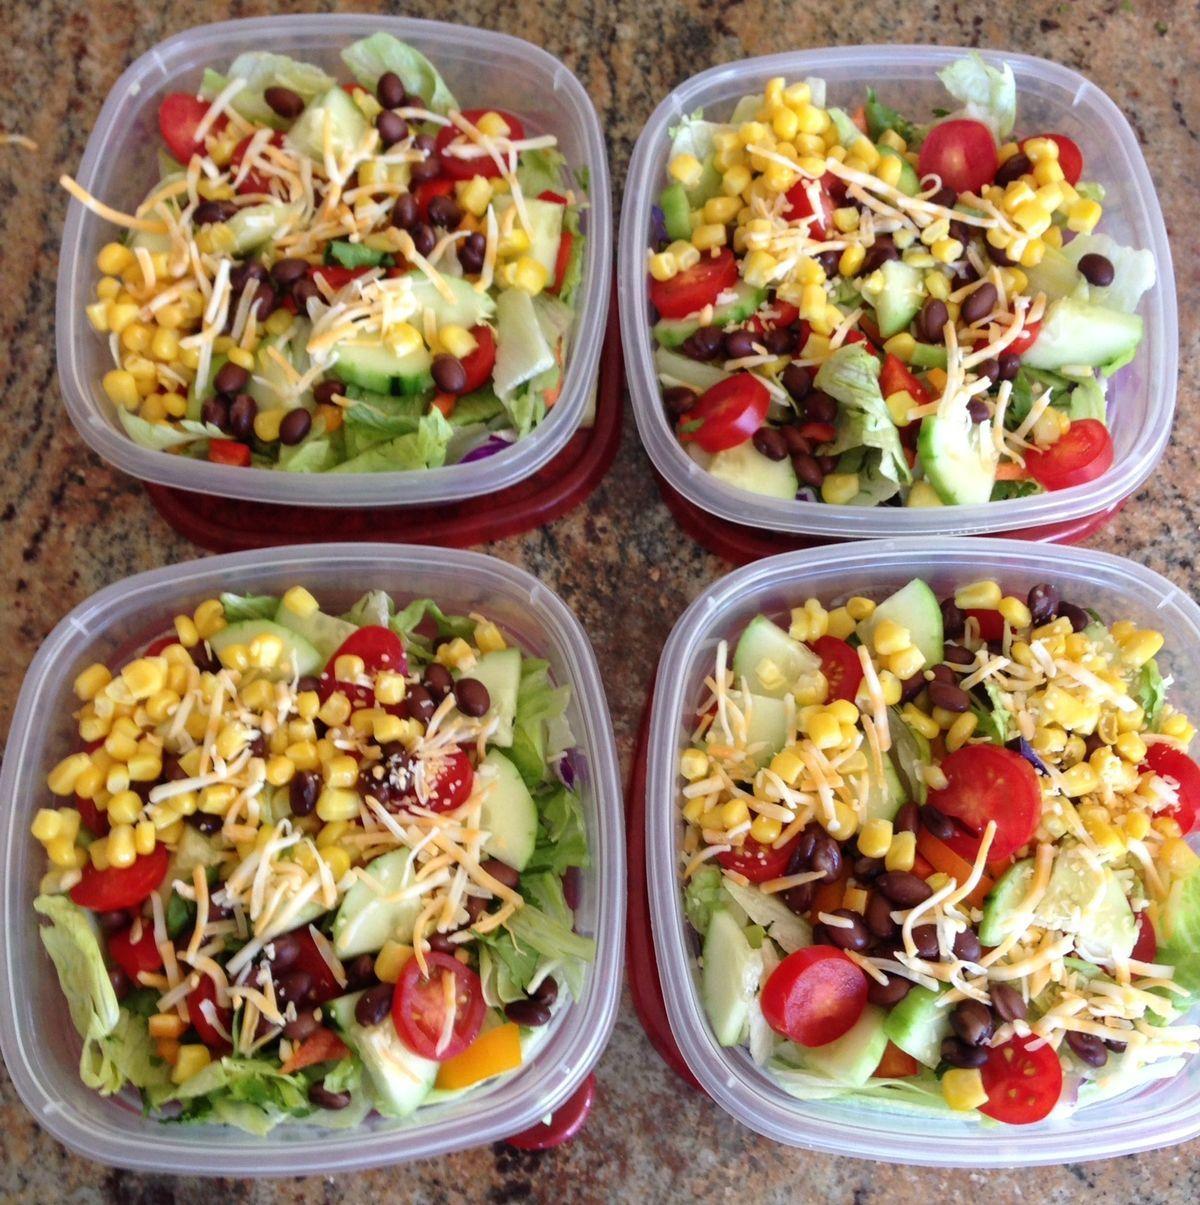 pingl par yolie mendoza sur meal prep pinterest salade repas et repas sant. Black Bedroom Furniture Sets. Home Design Ideas